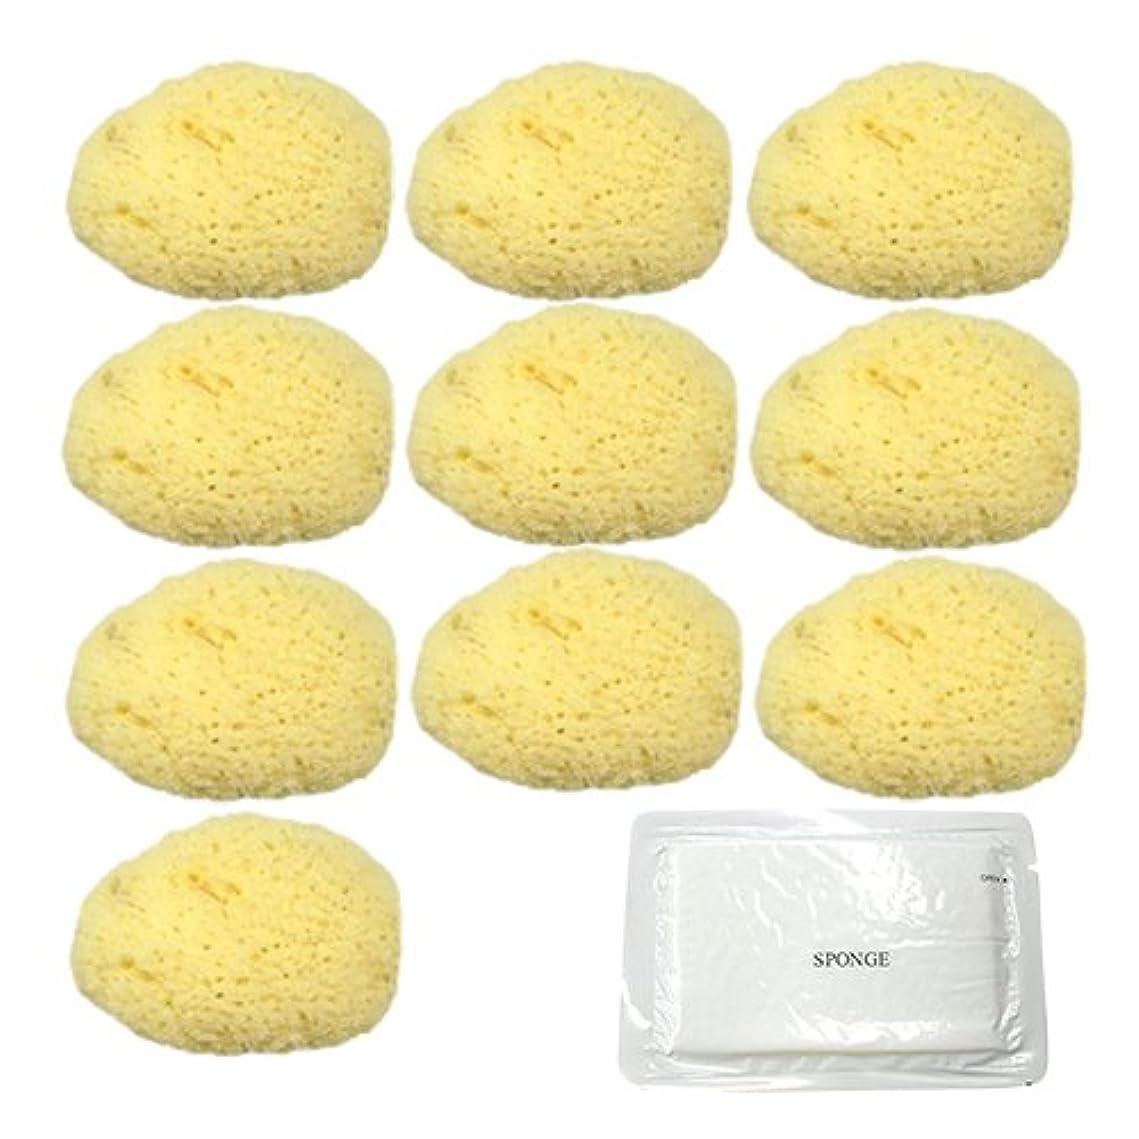 広げるクレデンシャルチップユタカ 天然海綿スポンジ(フェイススポンジ) 大 × 10個 + 圧縮スポンジセット